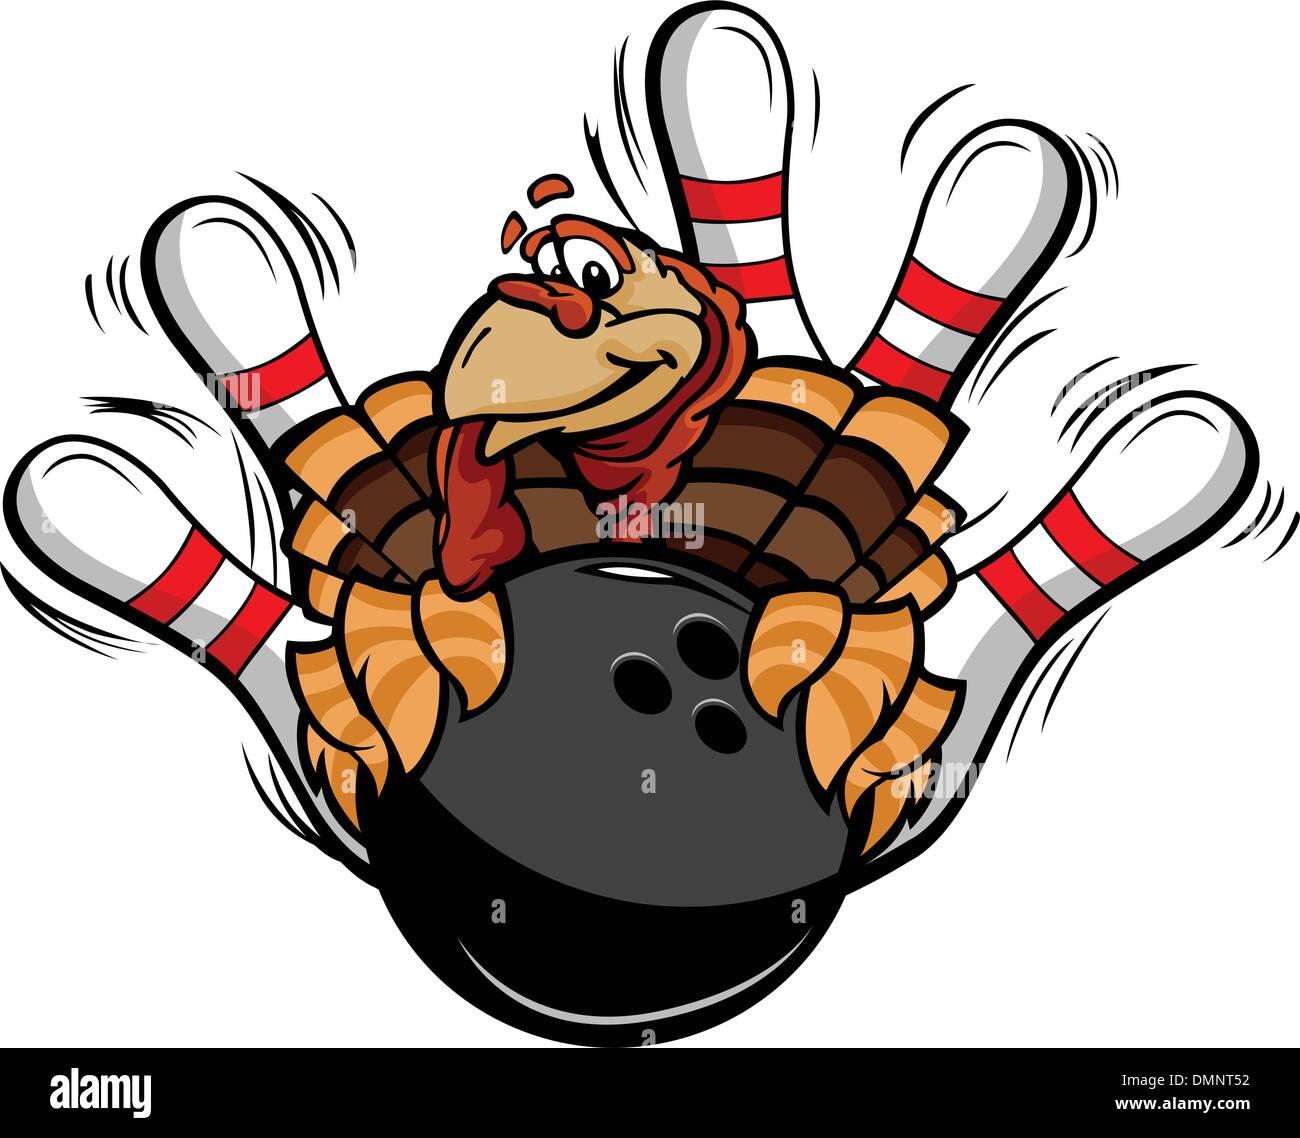 Bowling Thanksgiving Holiday Turkey Cartoon Vector Illustration - Stock Vector